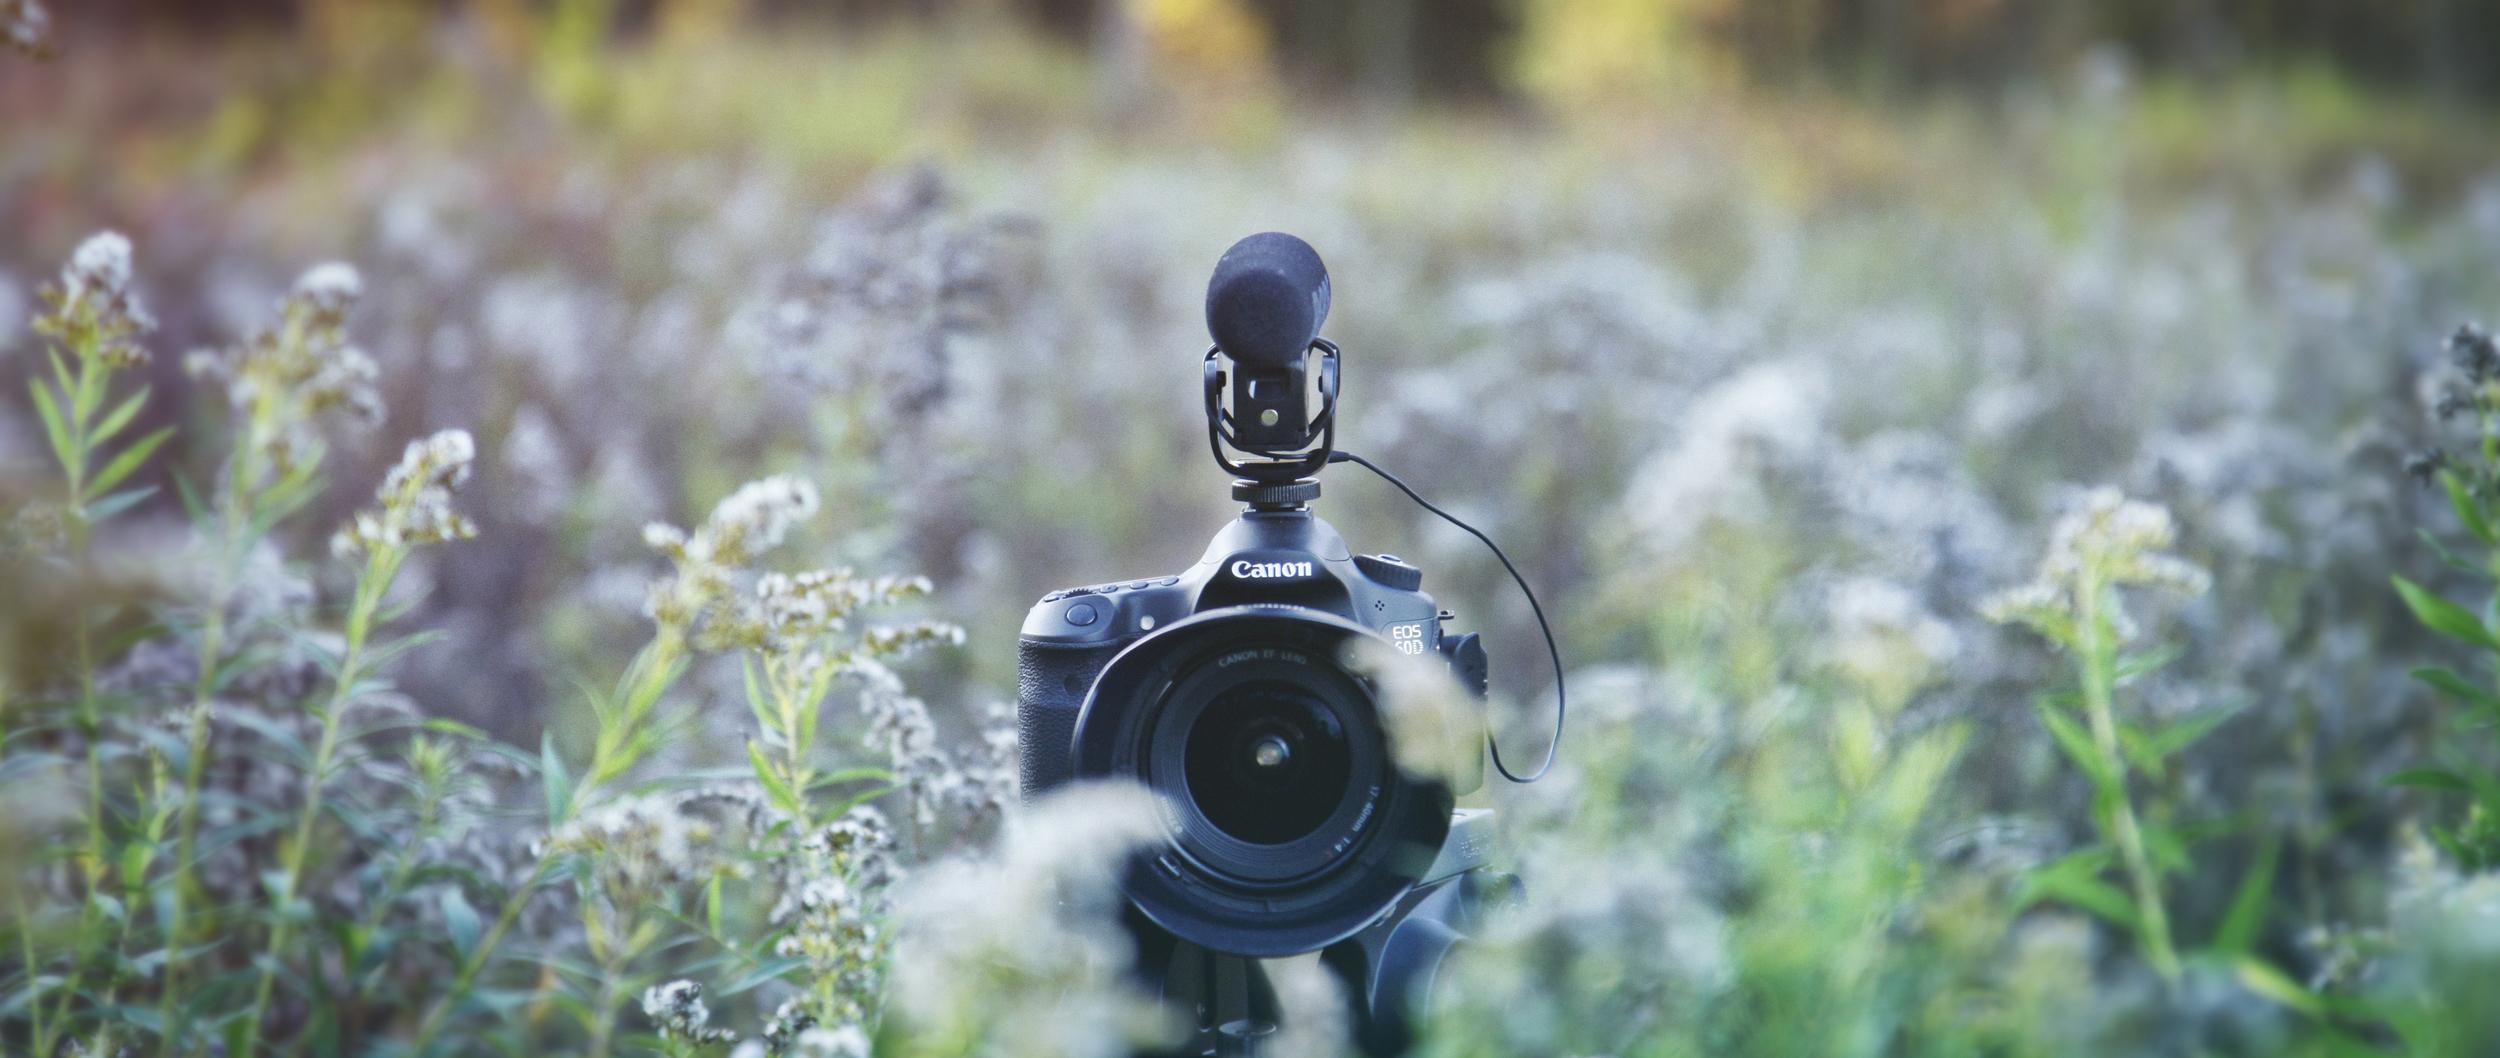 CameraBanner_1.jpg